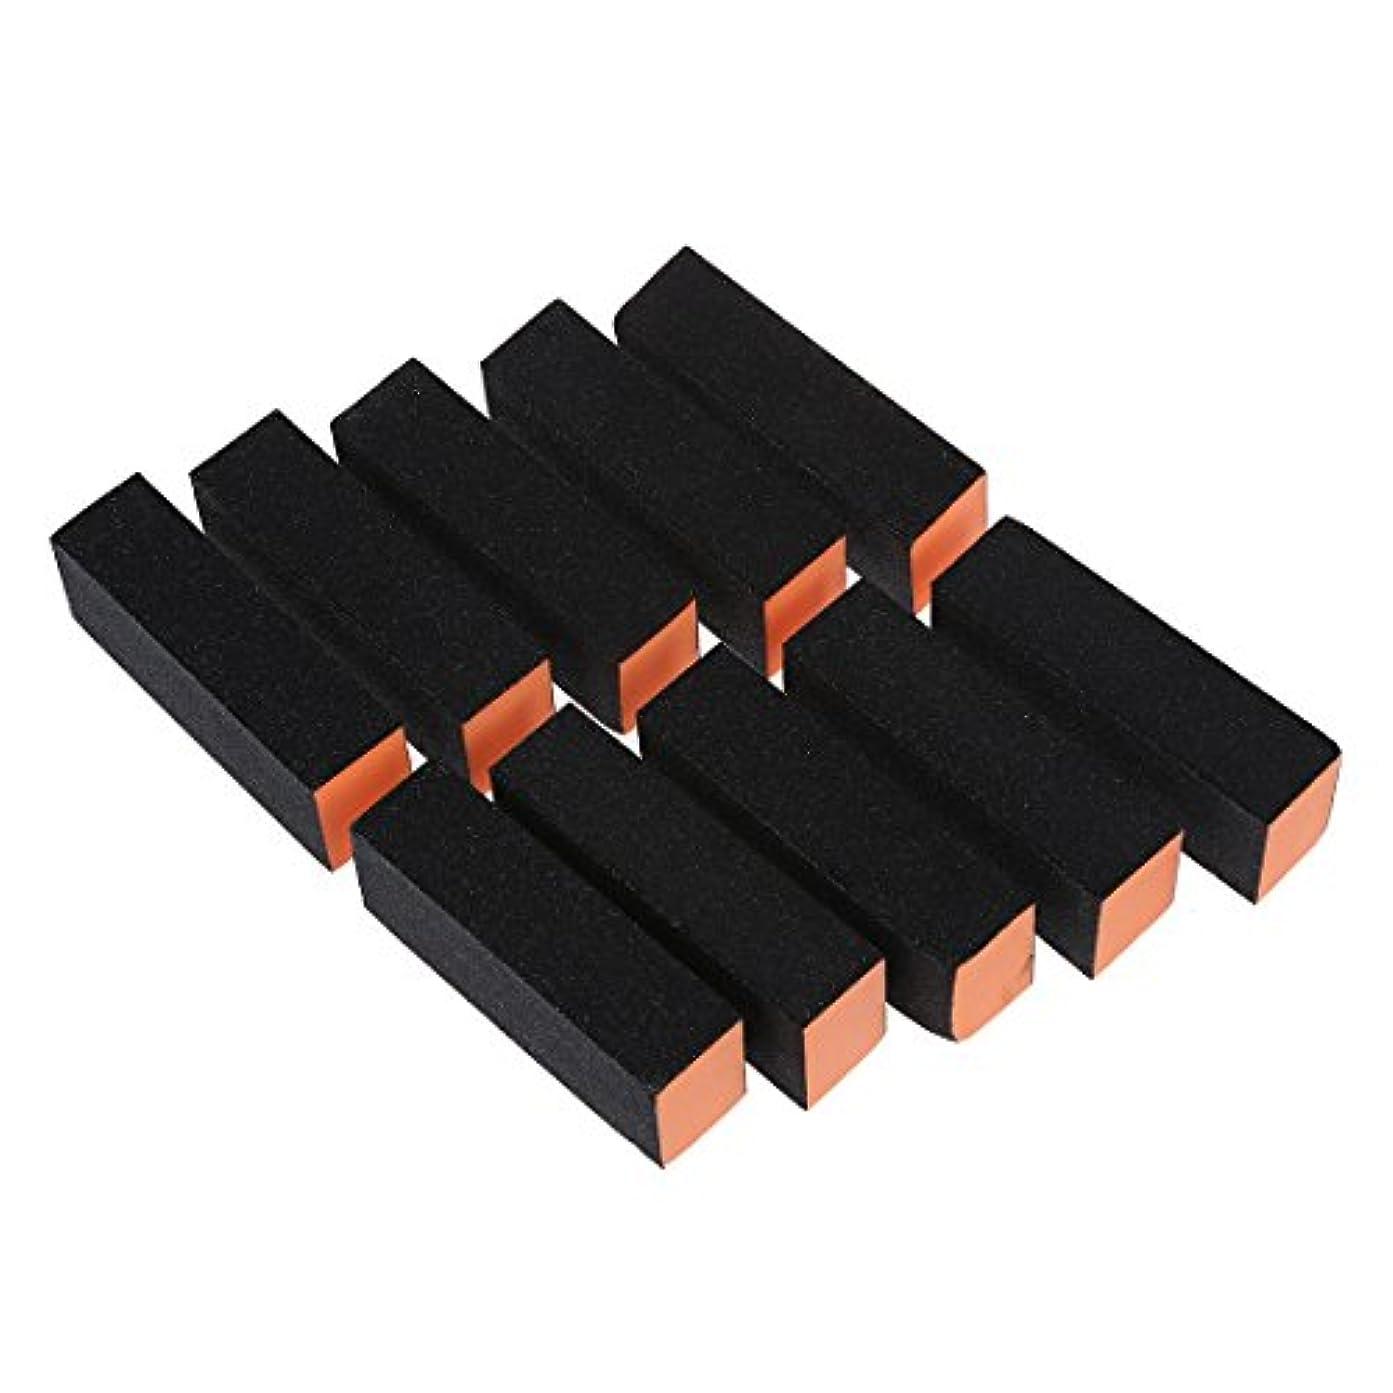 木実現可能性小さいNrpfell 10xネイルアートバッファ サンディングファイルブロック ペディキュアケアDIY